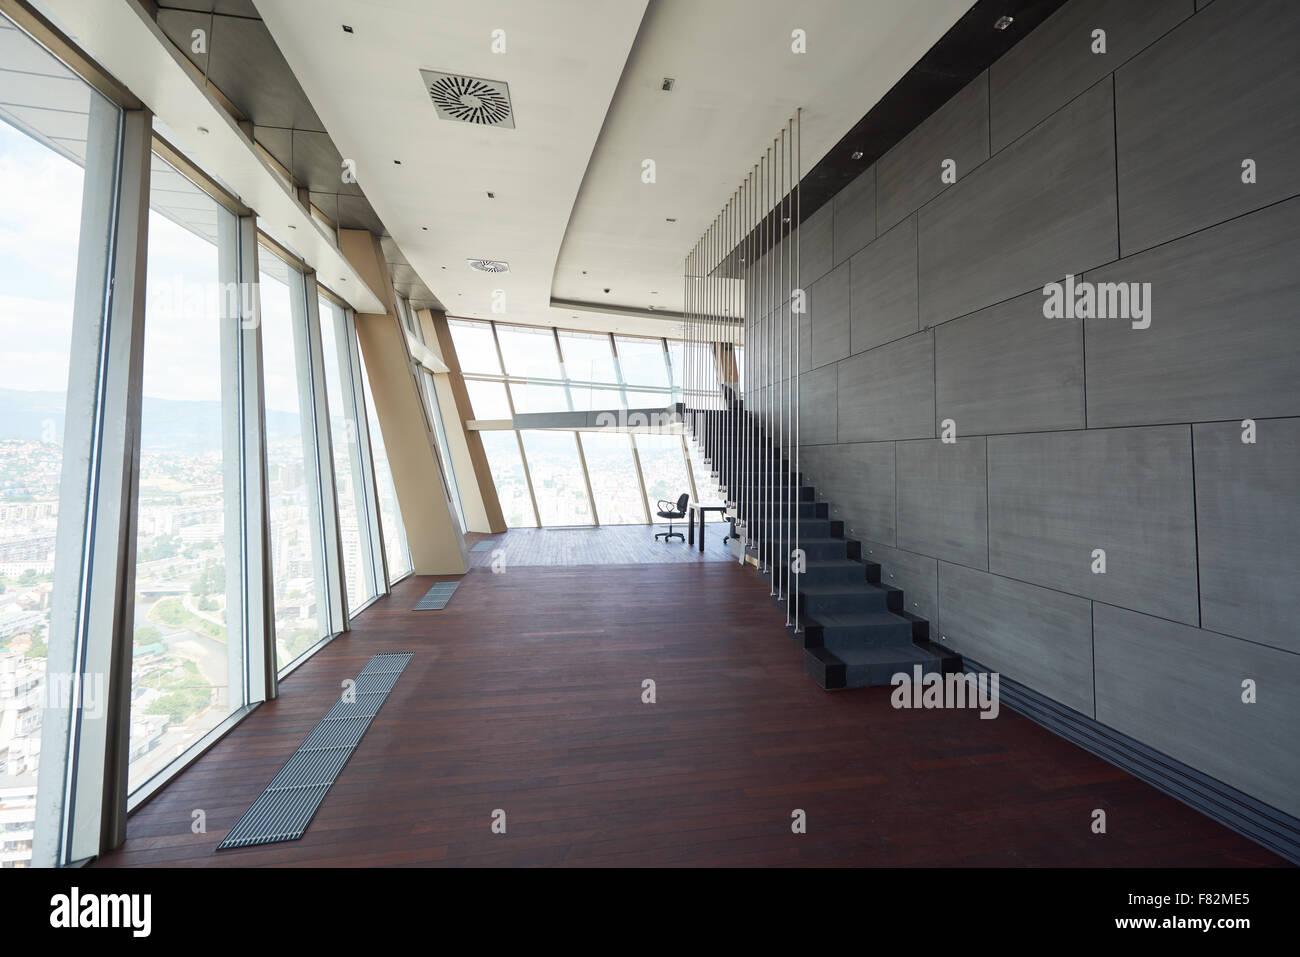 Ufficio Moderno Sa : Moderno luminoso ufficio vuoto o salotto interno con grandi finestre